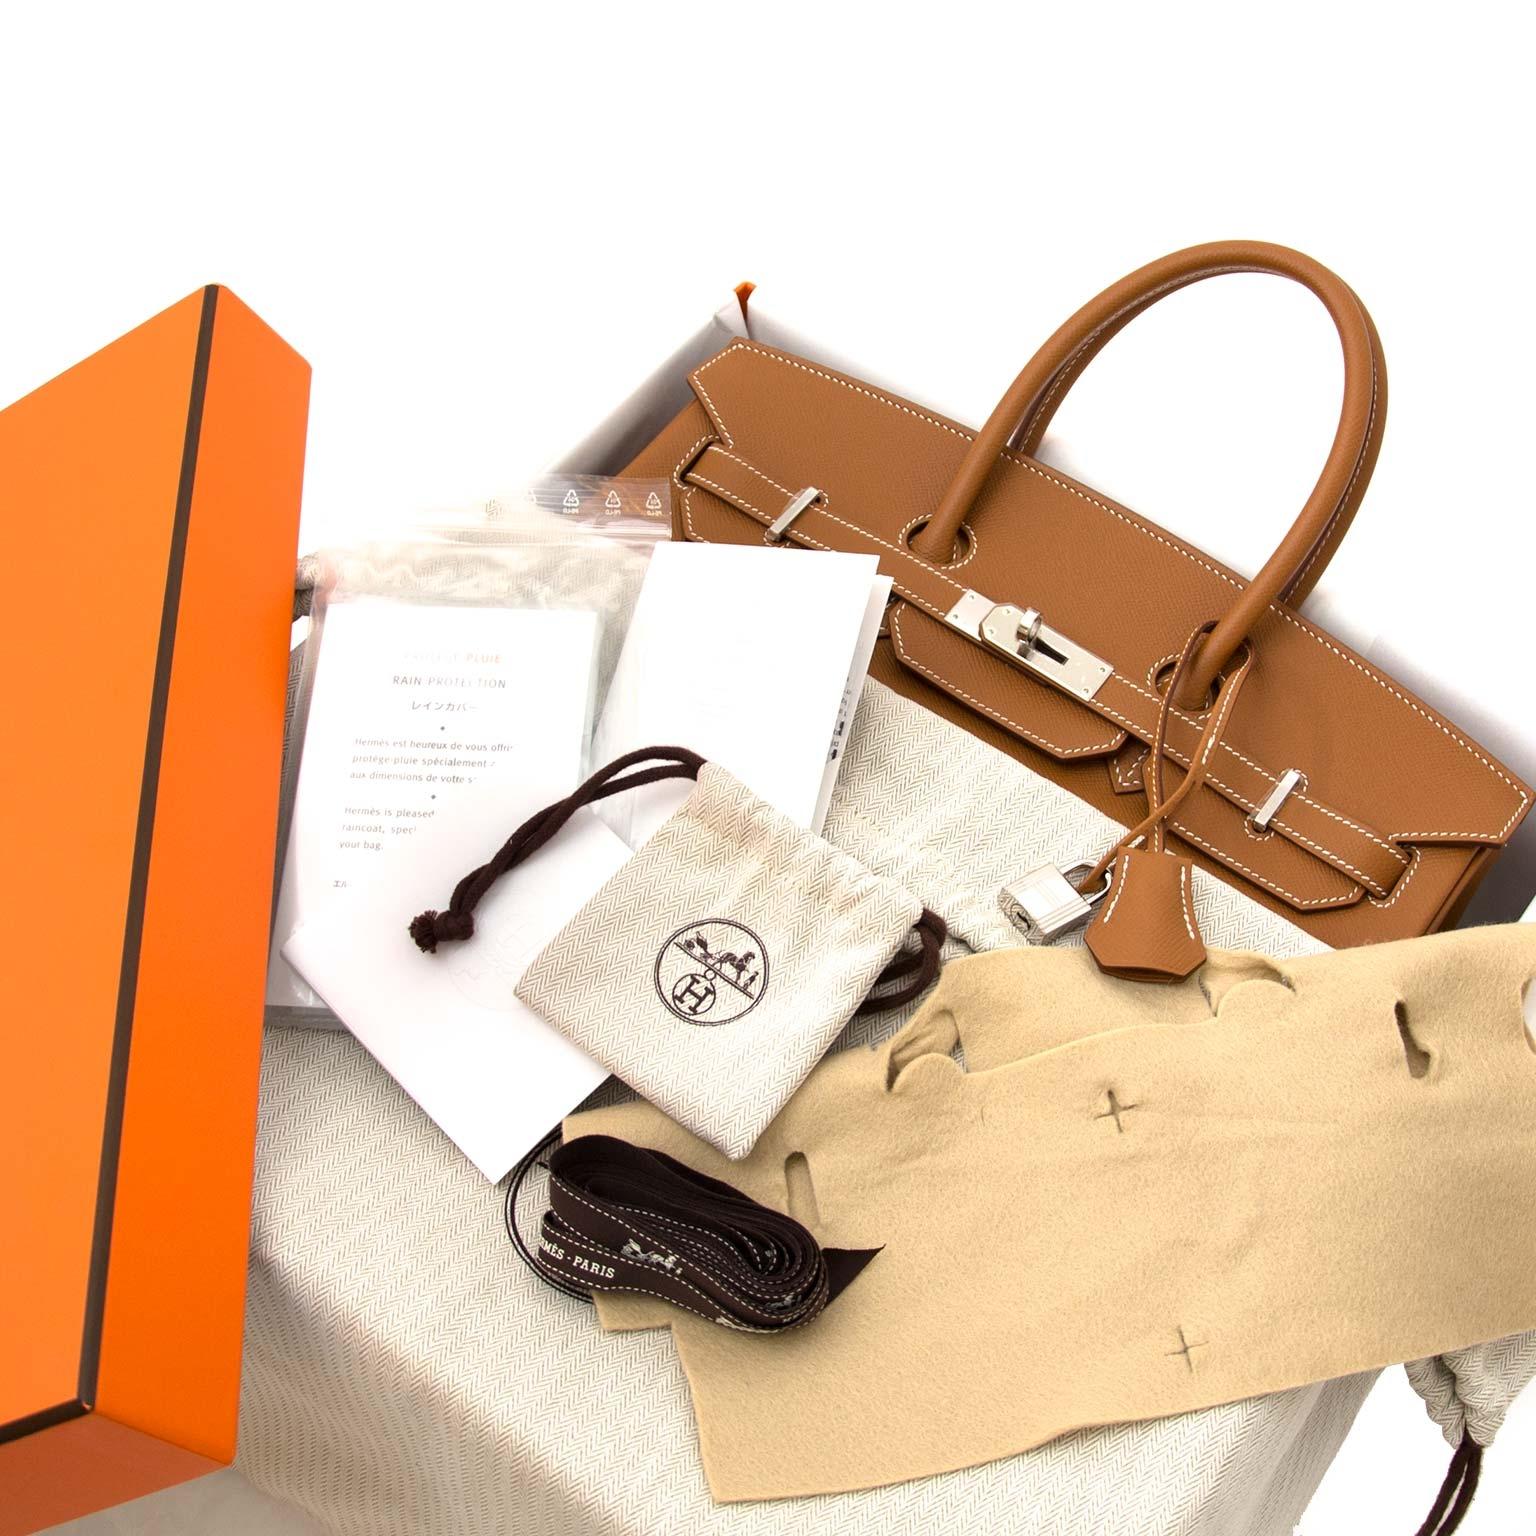 acheter en ligne chez labellov.com Hermès Birkin 35 Epsom Gold PHW